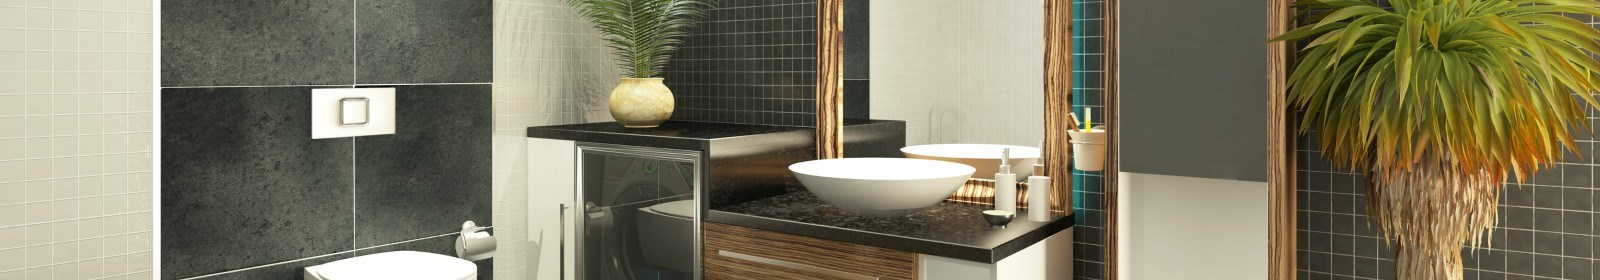 2020 Bathroom décor trends